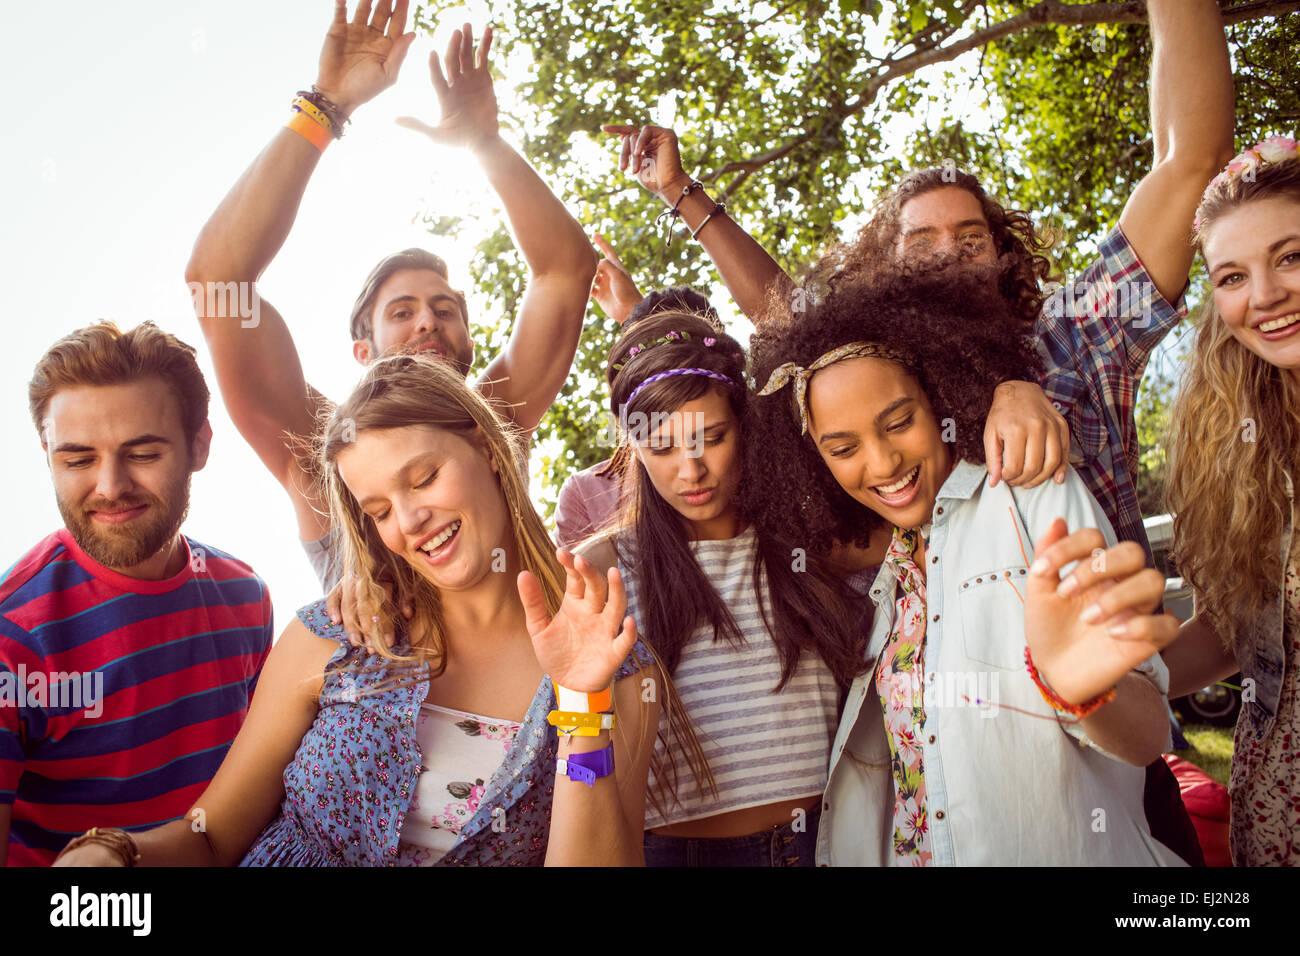 Heureux les gens branchés de danse à la musique Photo Stock